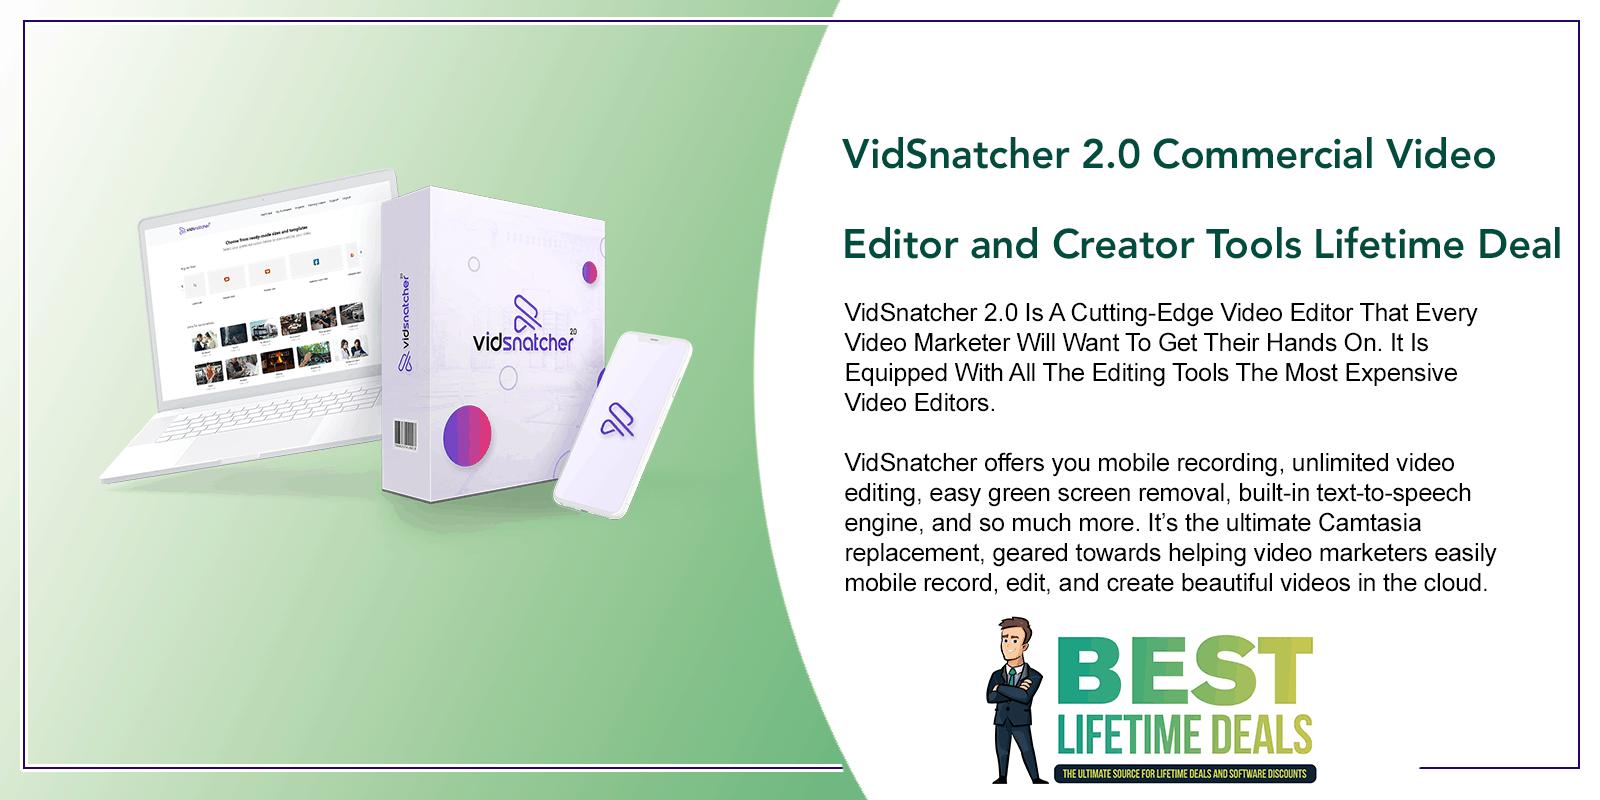 VidSnatcher 2.0 Featured Image